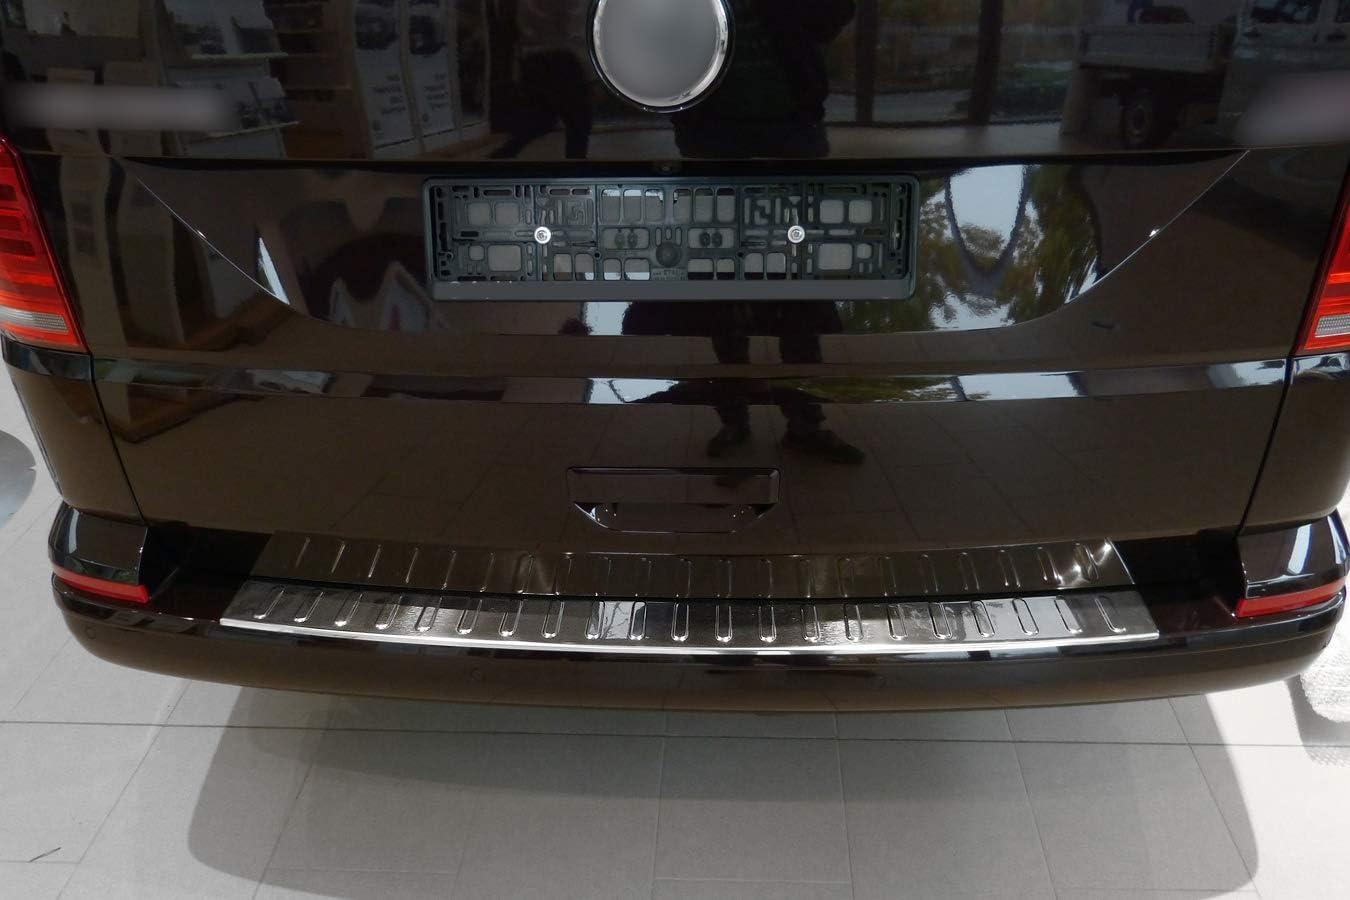 Accessori per Decorazioni in Acciaio Inossidabile BNHHB Protezione paraurti per Baule Auto per Mitsubishi Outlander 2013-2018 davanzale per Baule Posteriore Automatico